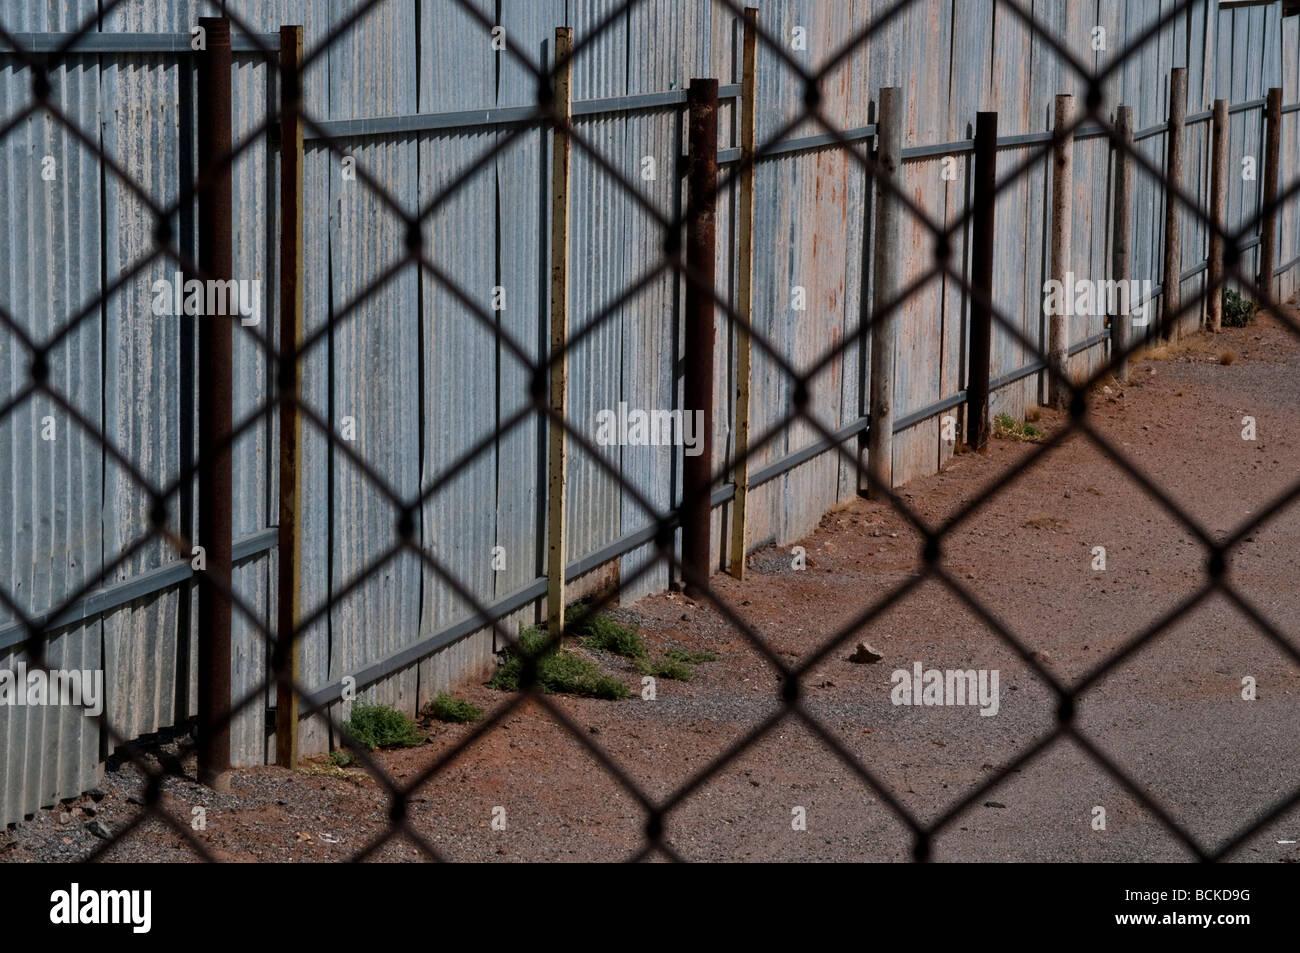 Nett Maschendraht Bildschirm Fotos - Die Besten Elektrischen ...